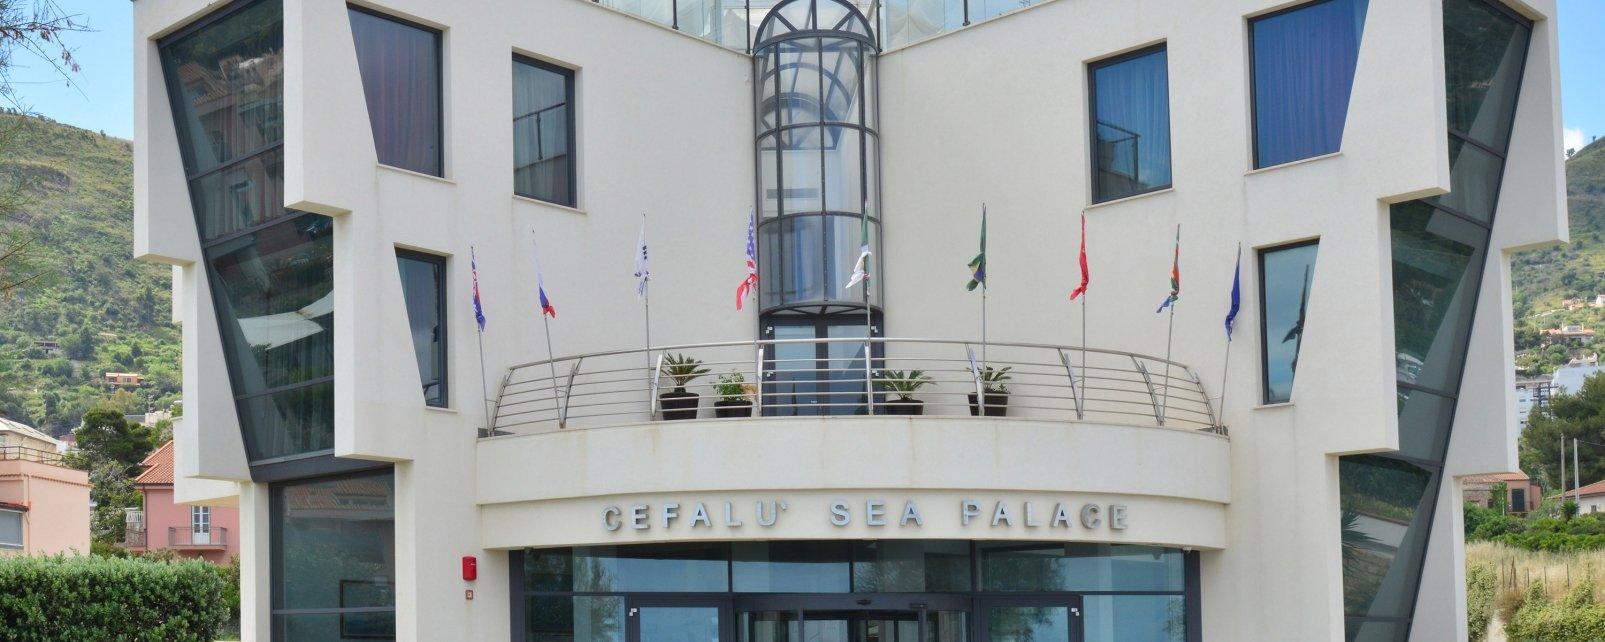 Hôtel Cefalu Sea Palace